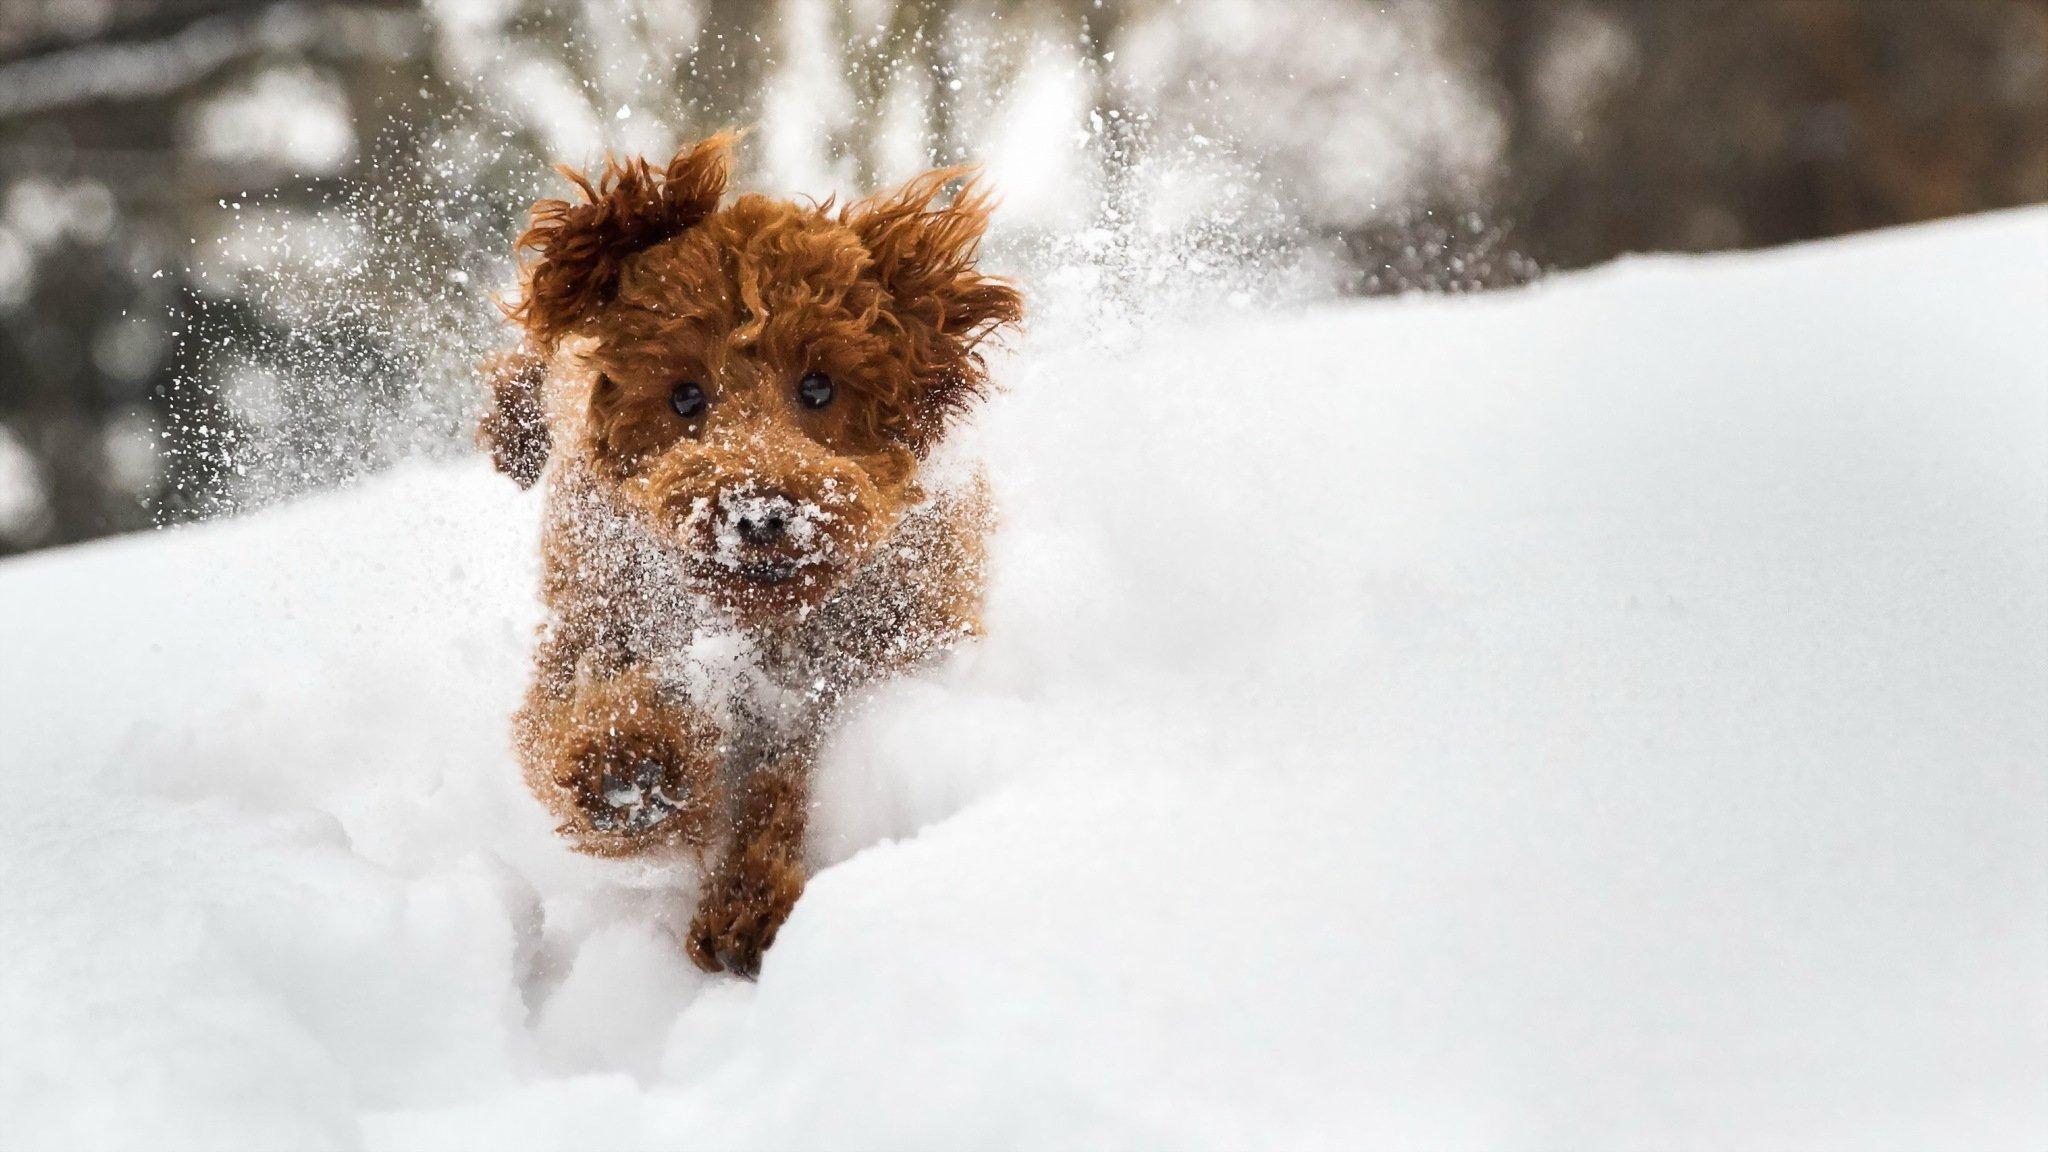 рыжая собака посреди снега в хорошем качестве